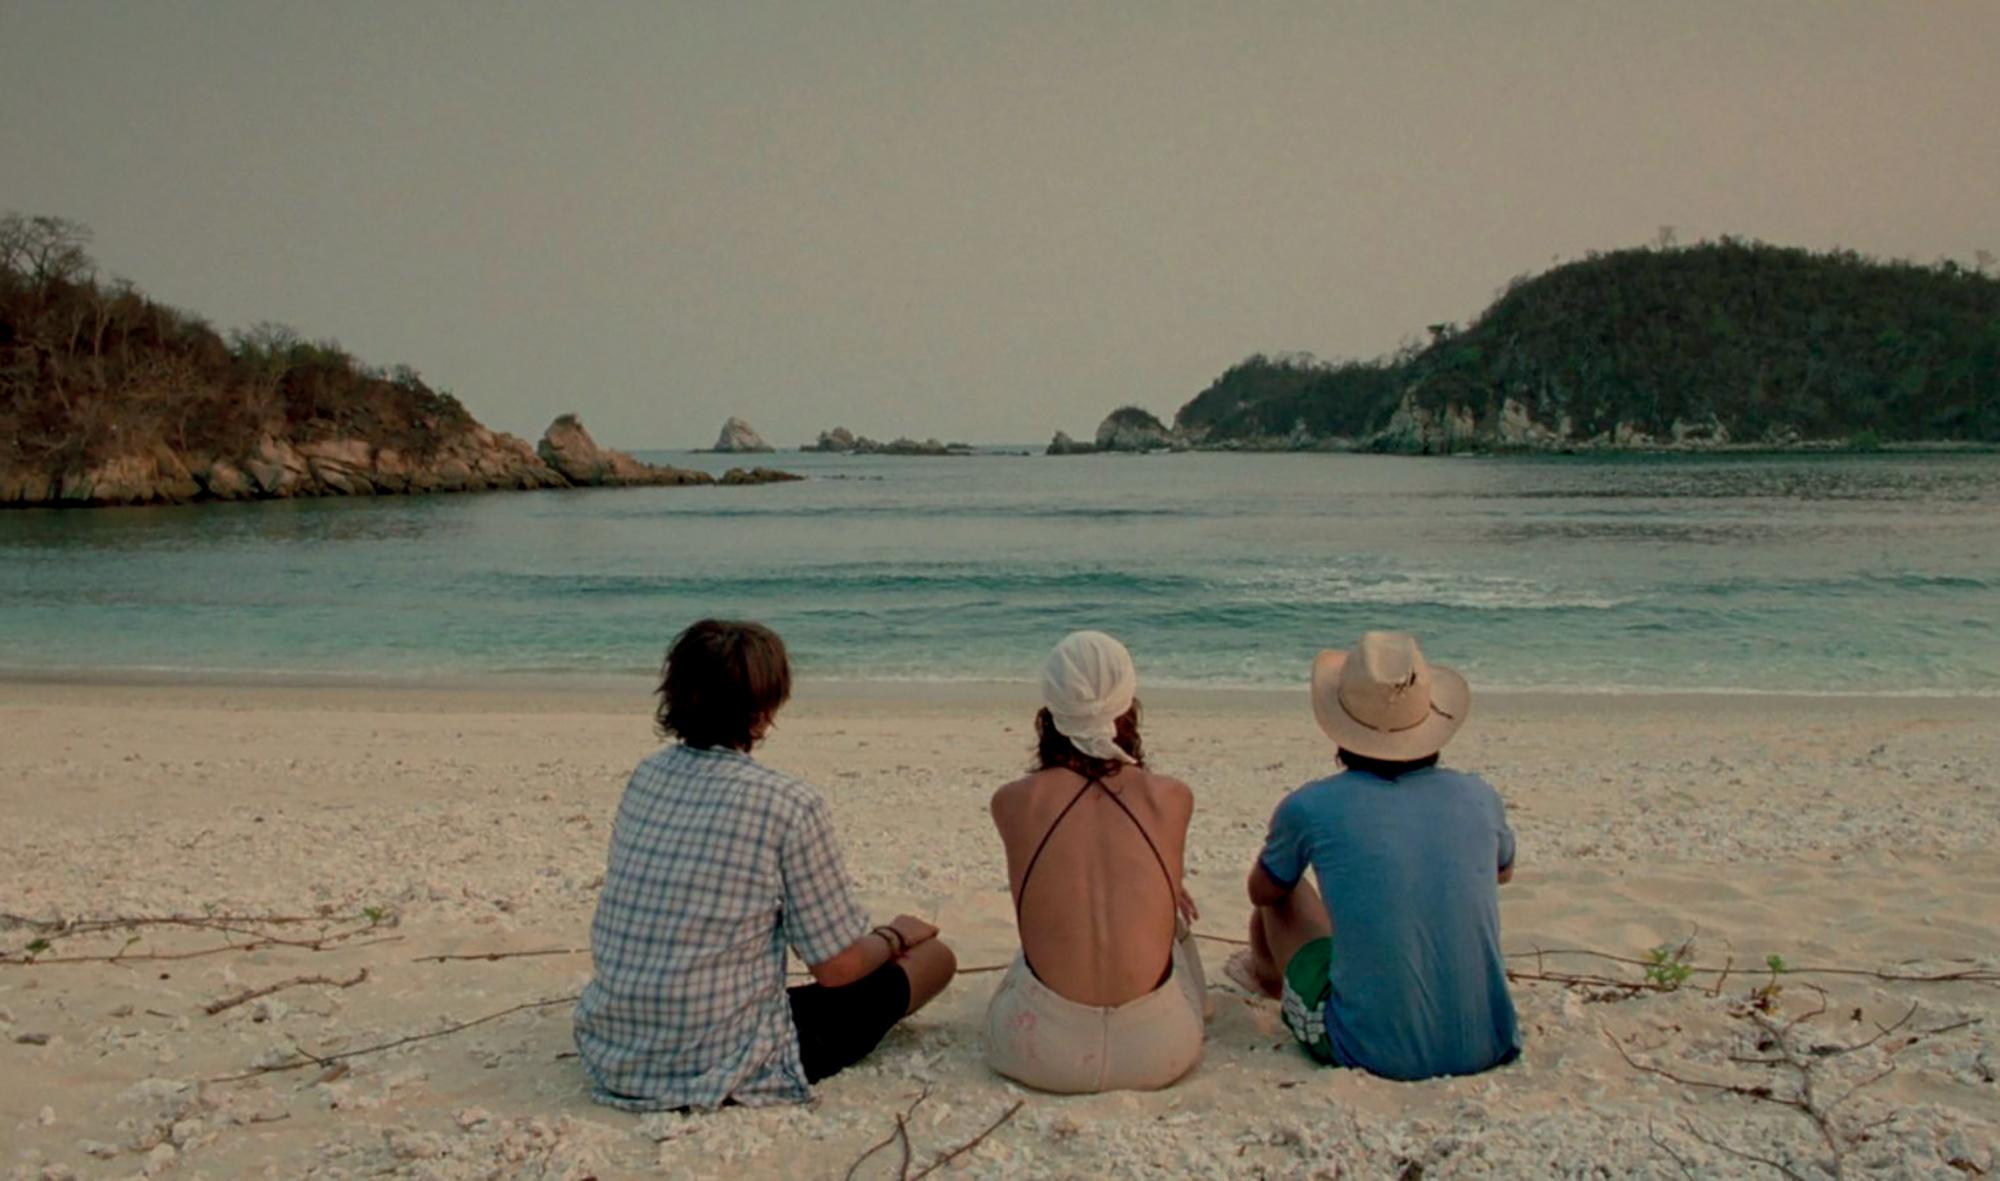 du lịch giải trí với phim điện ảnh